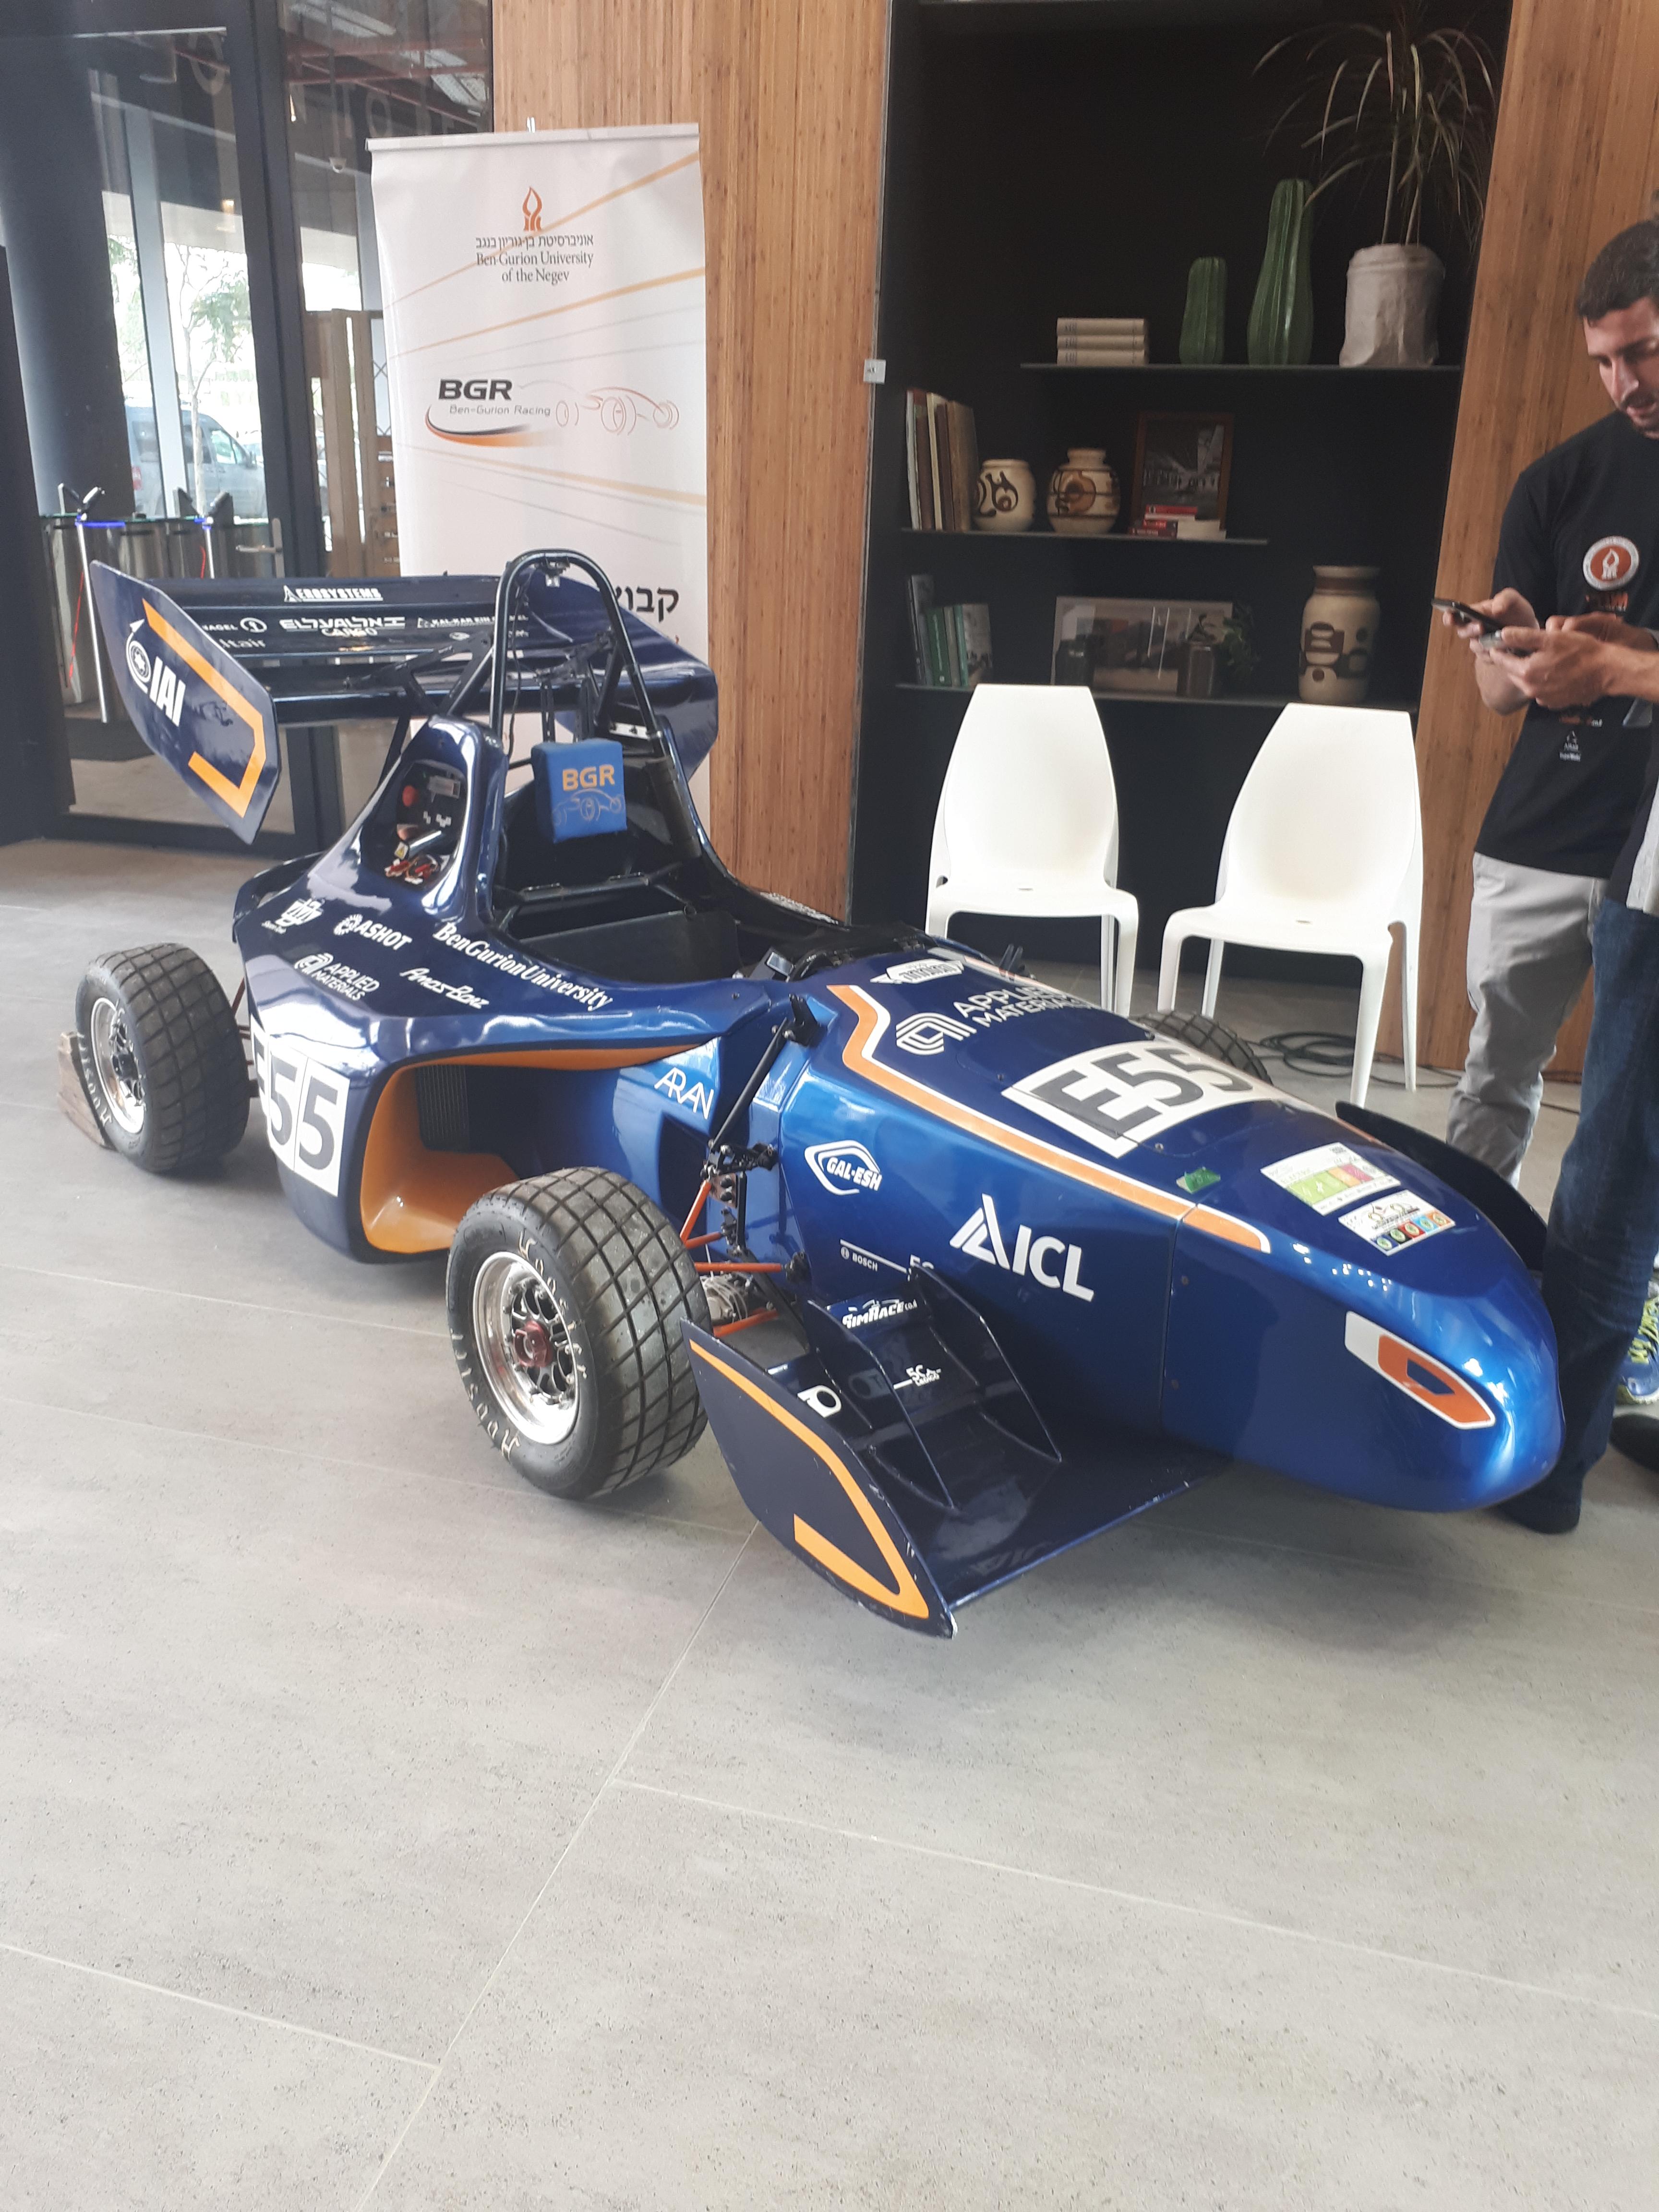 BGU racecar 2018